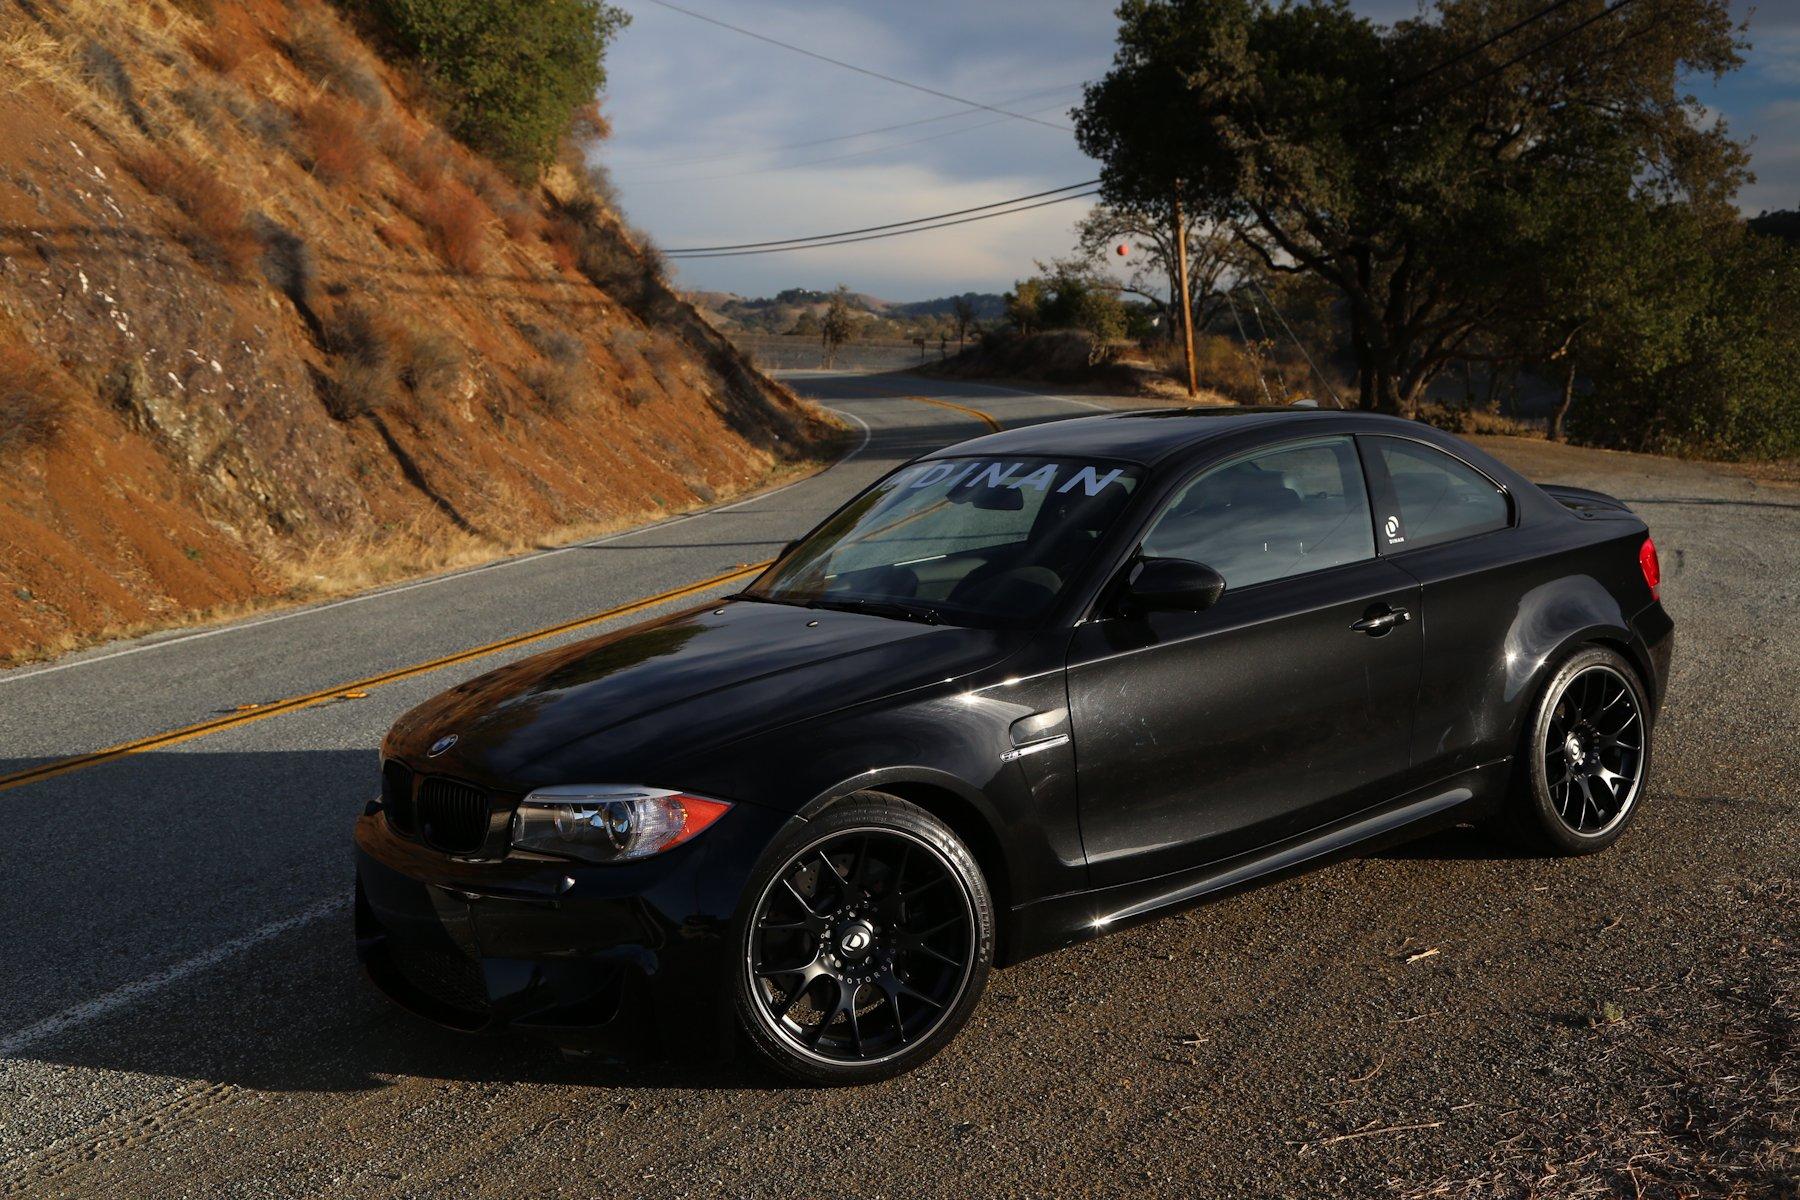 Dinan S3 R Bmw 1 Series M Coupe E82 Cars Black Modified 2014 Wallpaper 1800x1200 1015677 Wallpaperup